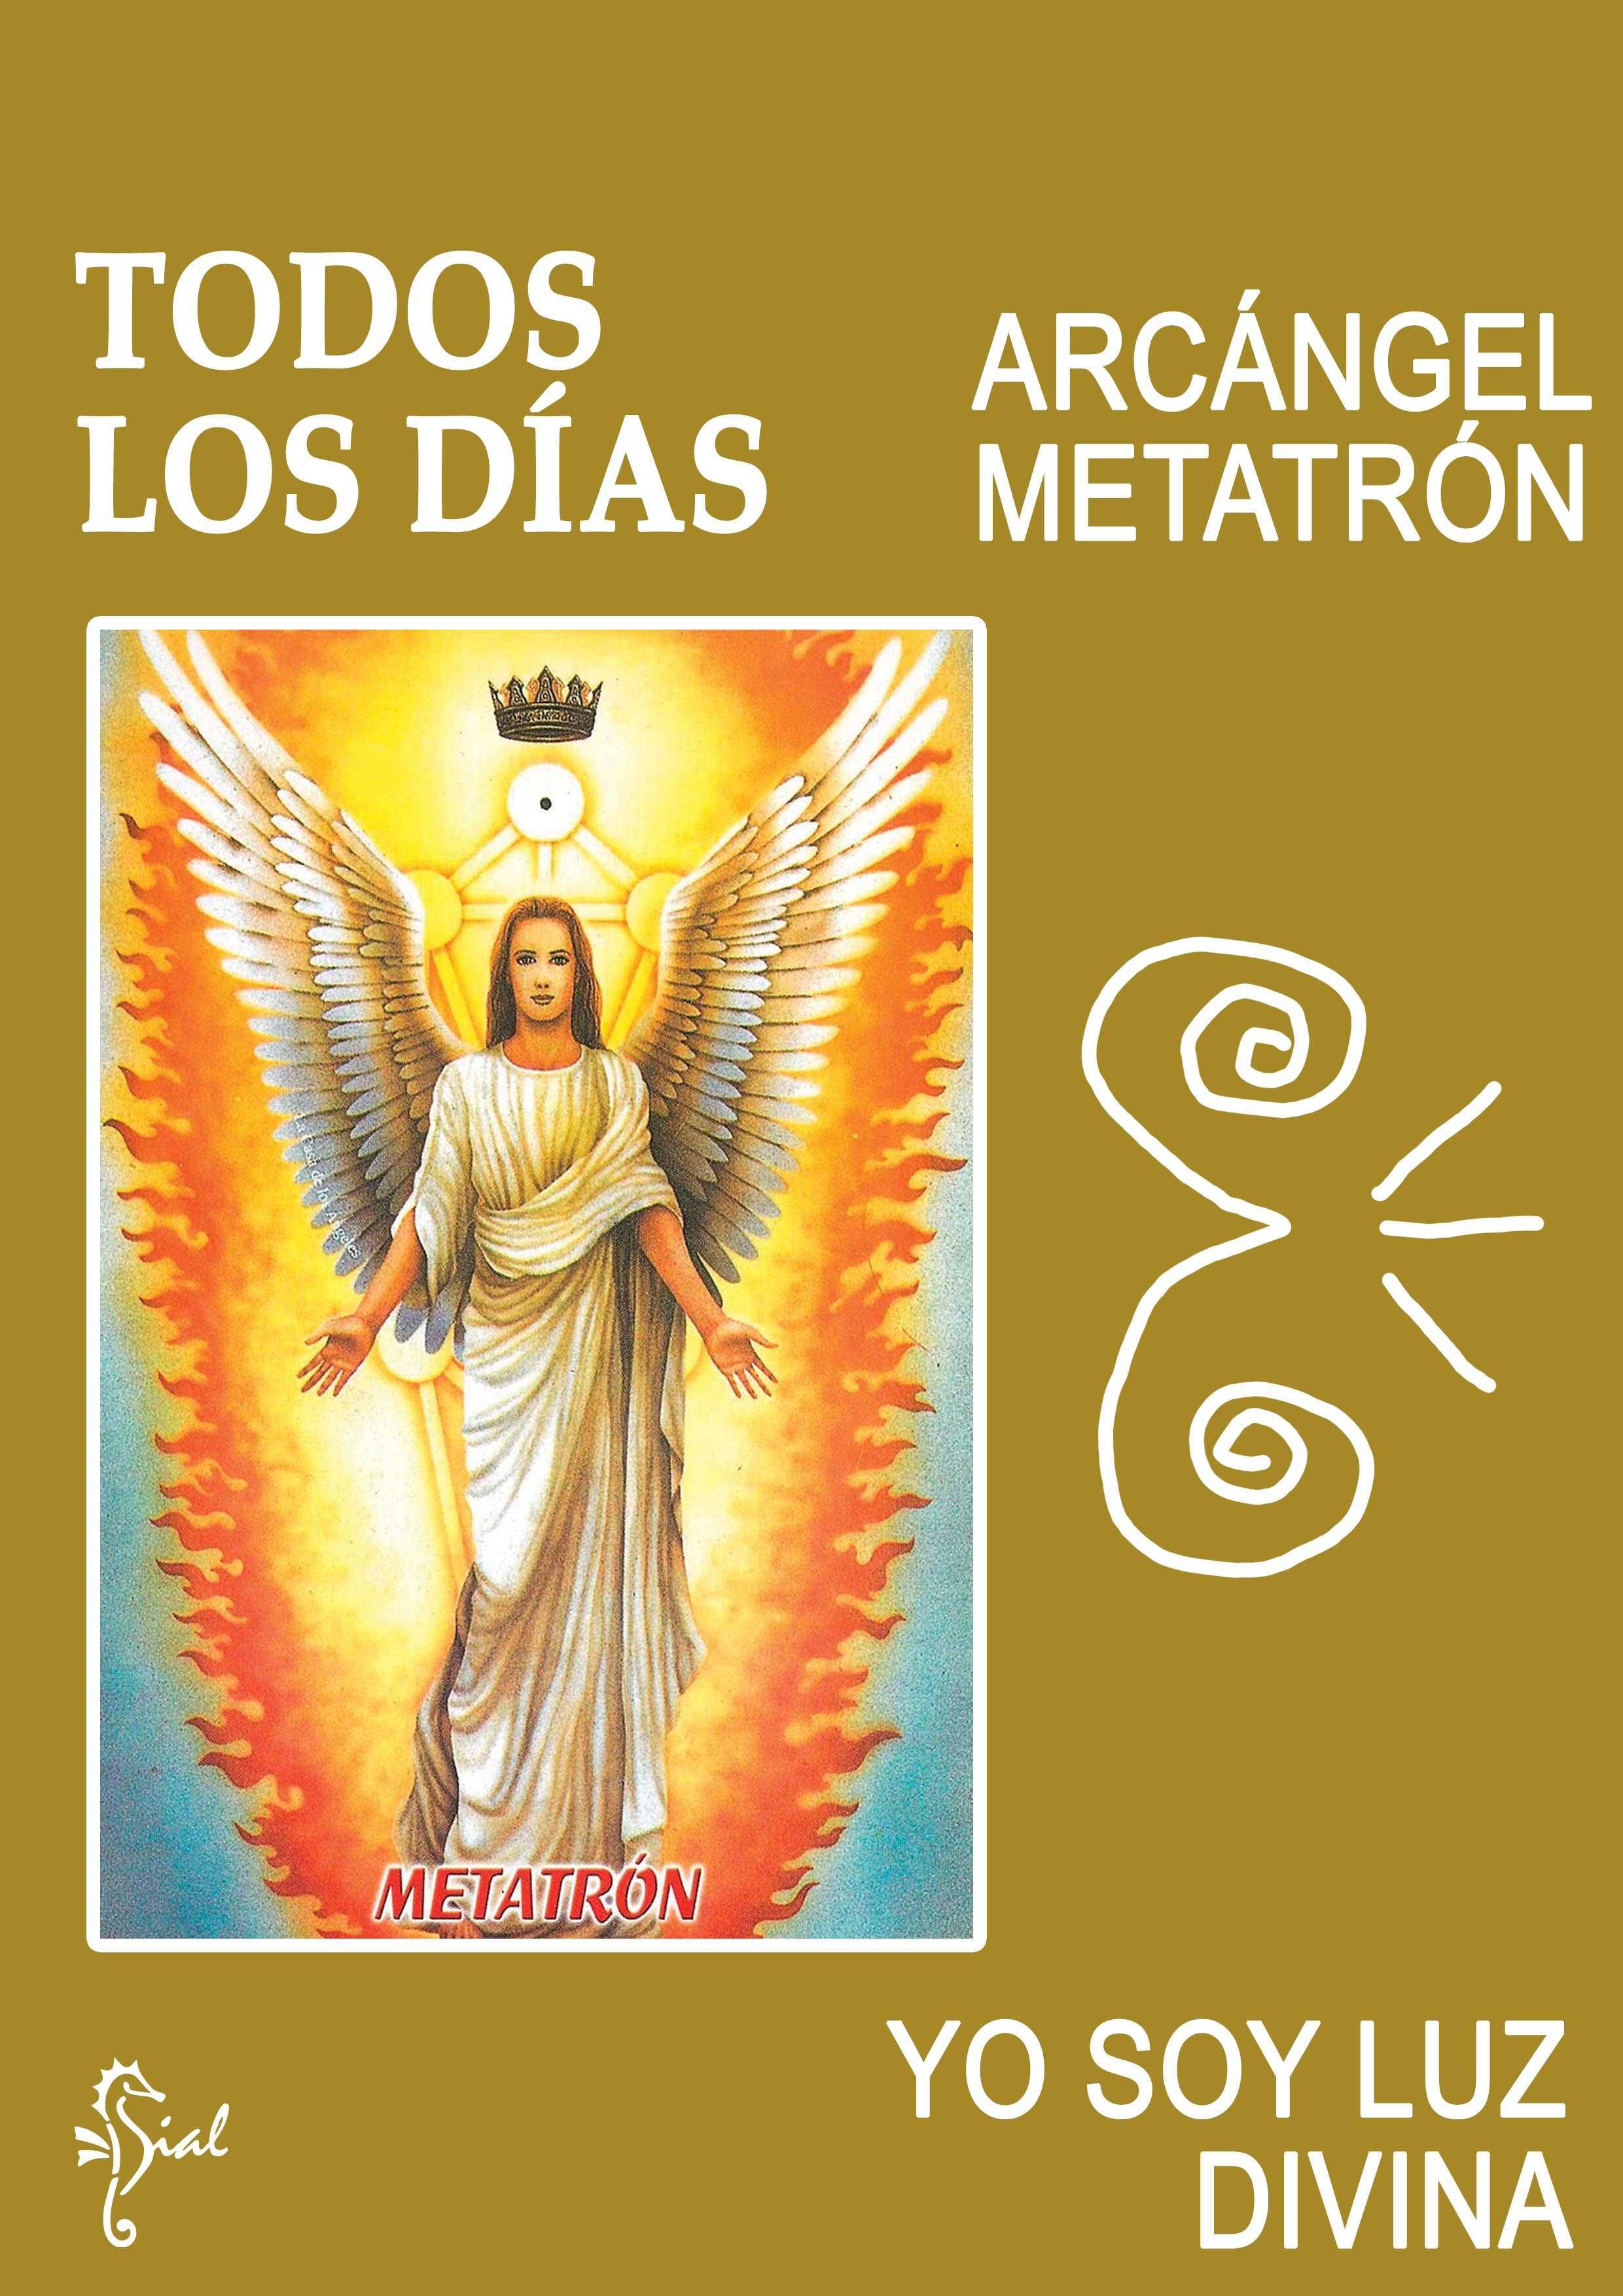 Conozcamos al Arcángel Metatrón